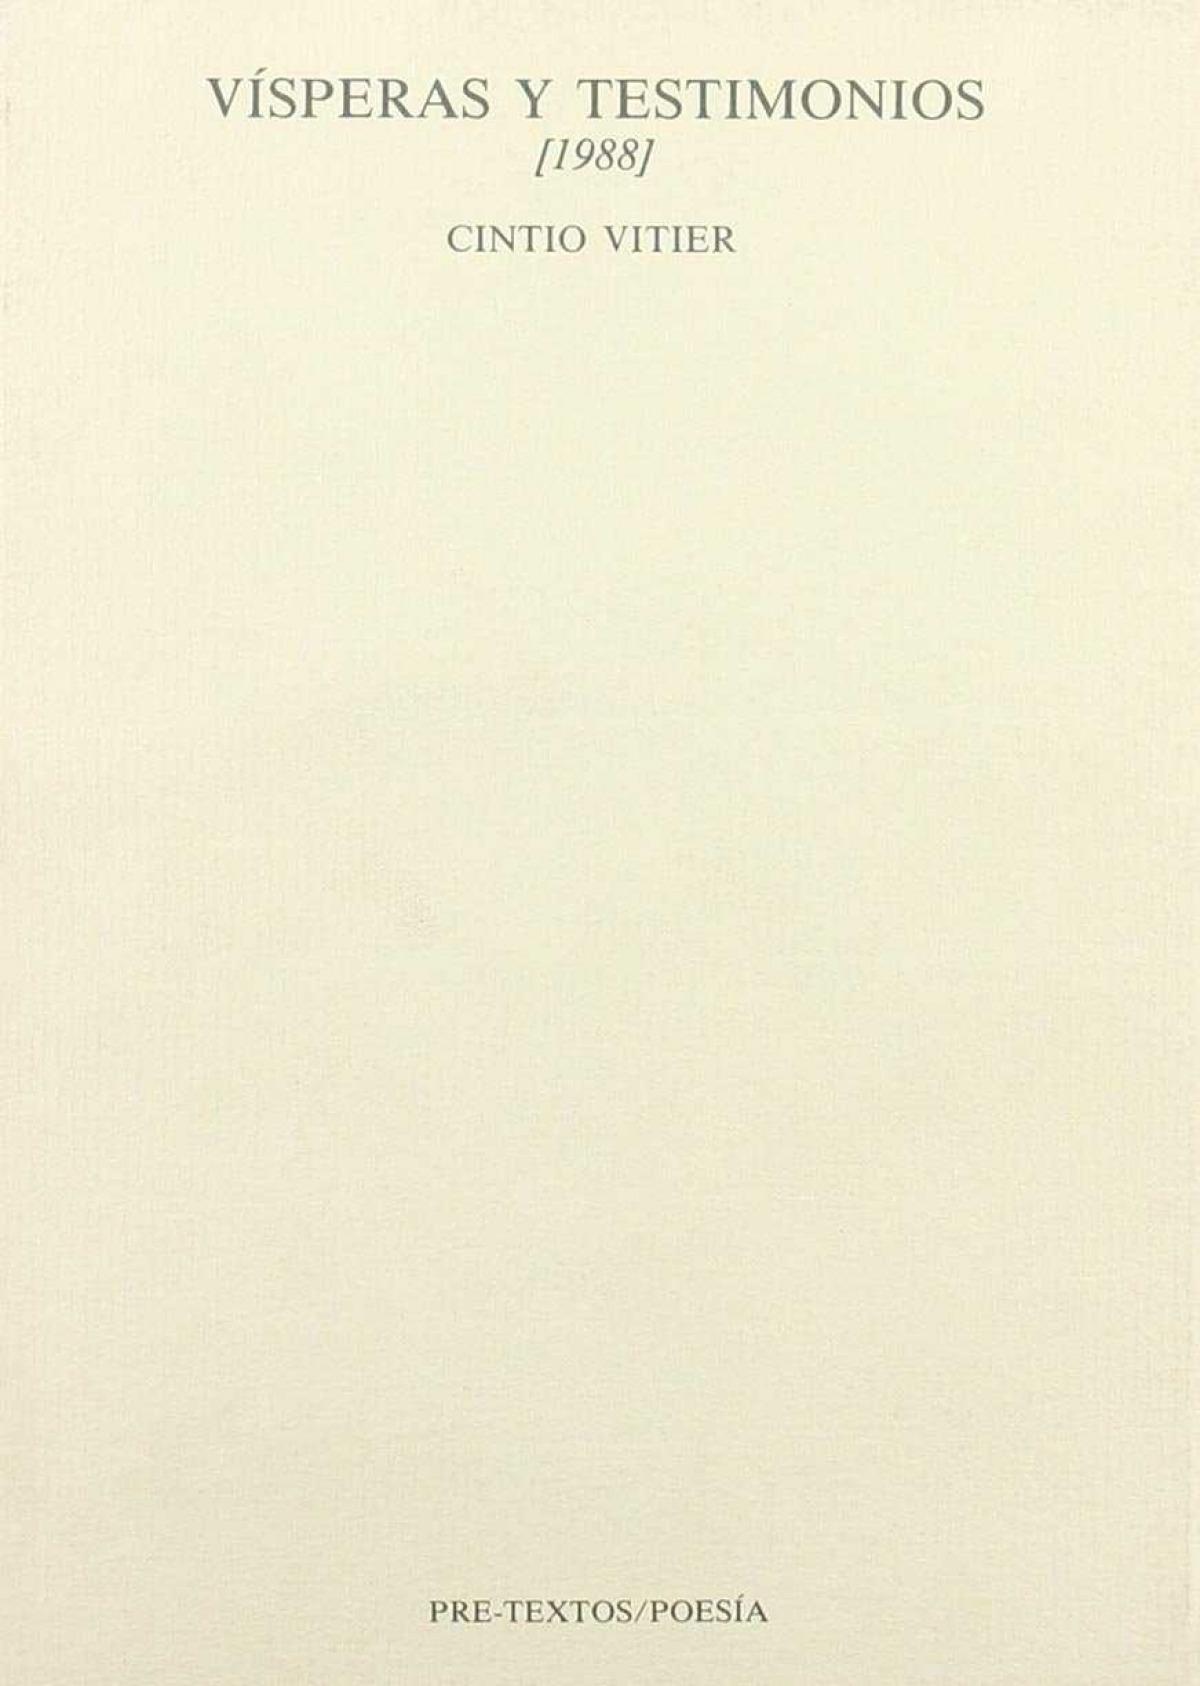 Visperas y testimonios (1988)